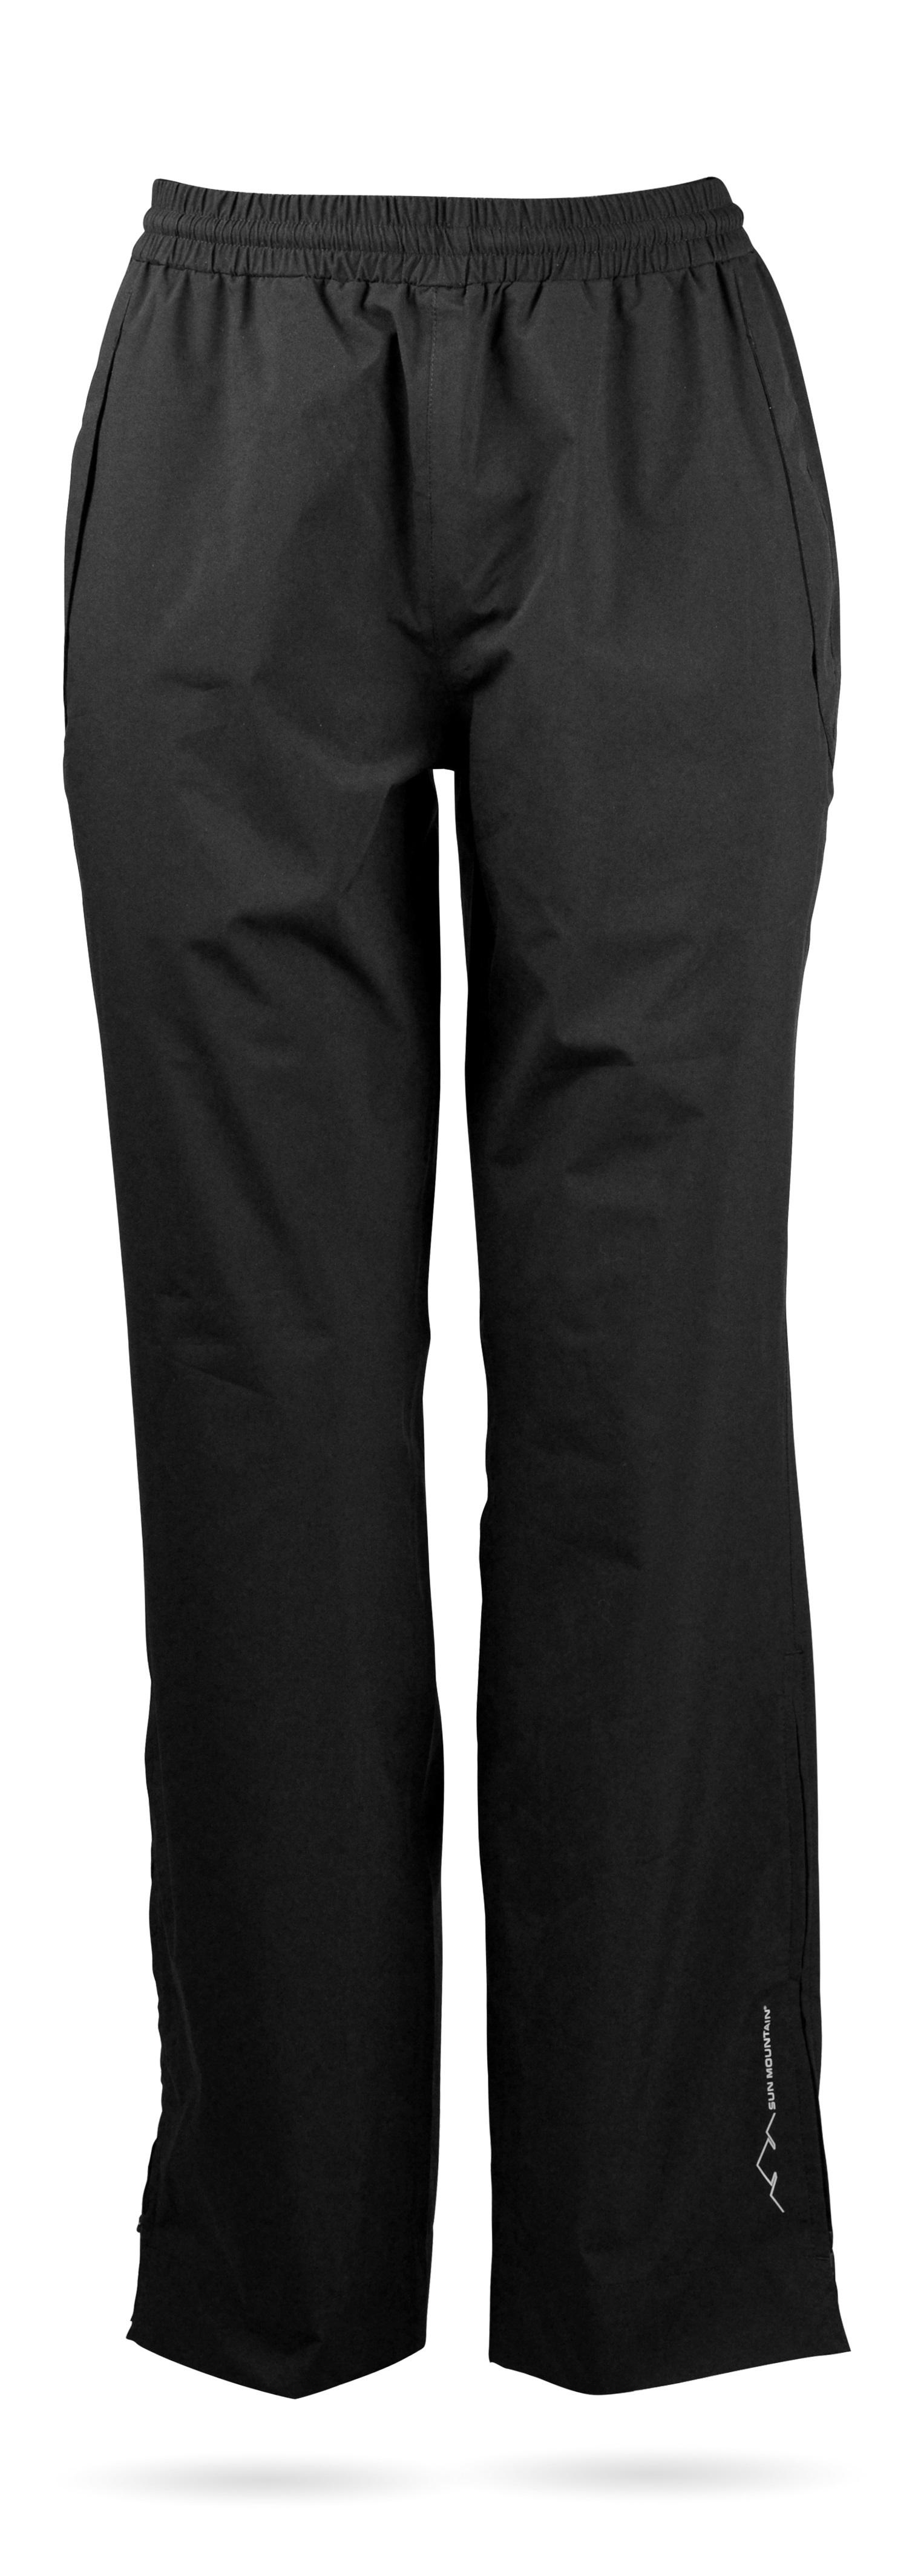 Ladies Adidas Climastorm Rain Pants | RockBottomGolf.com